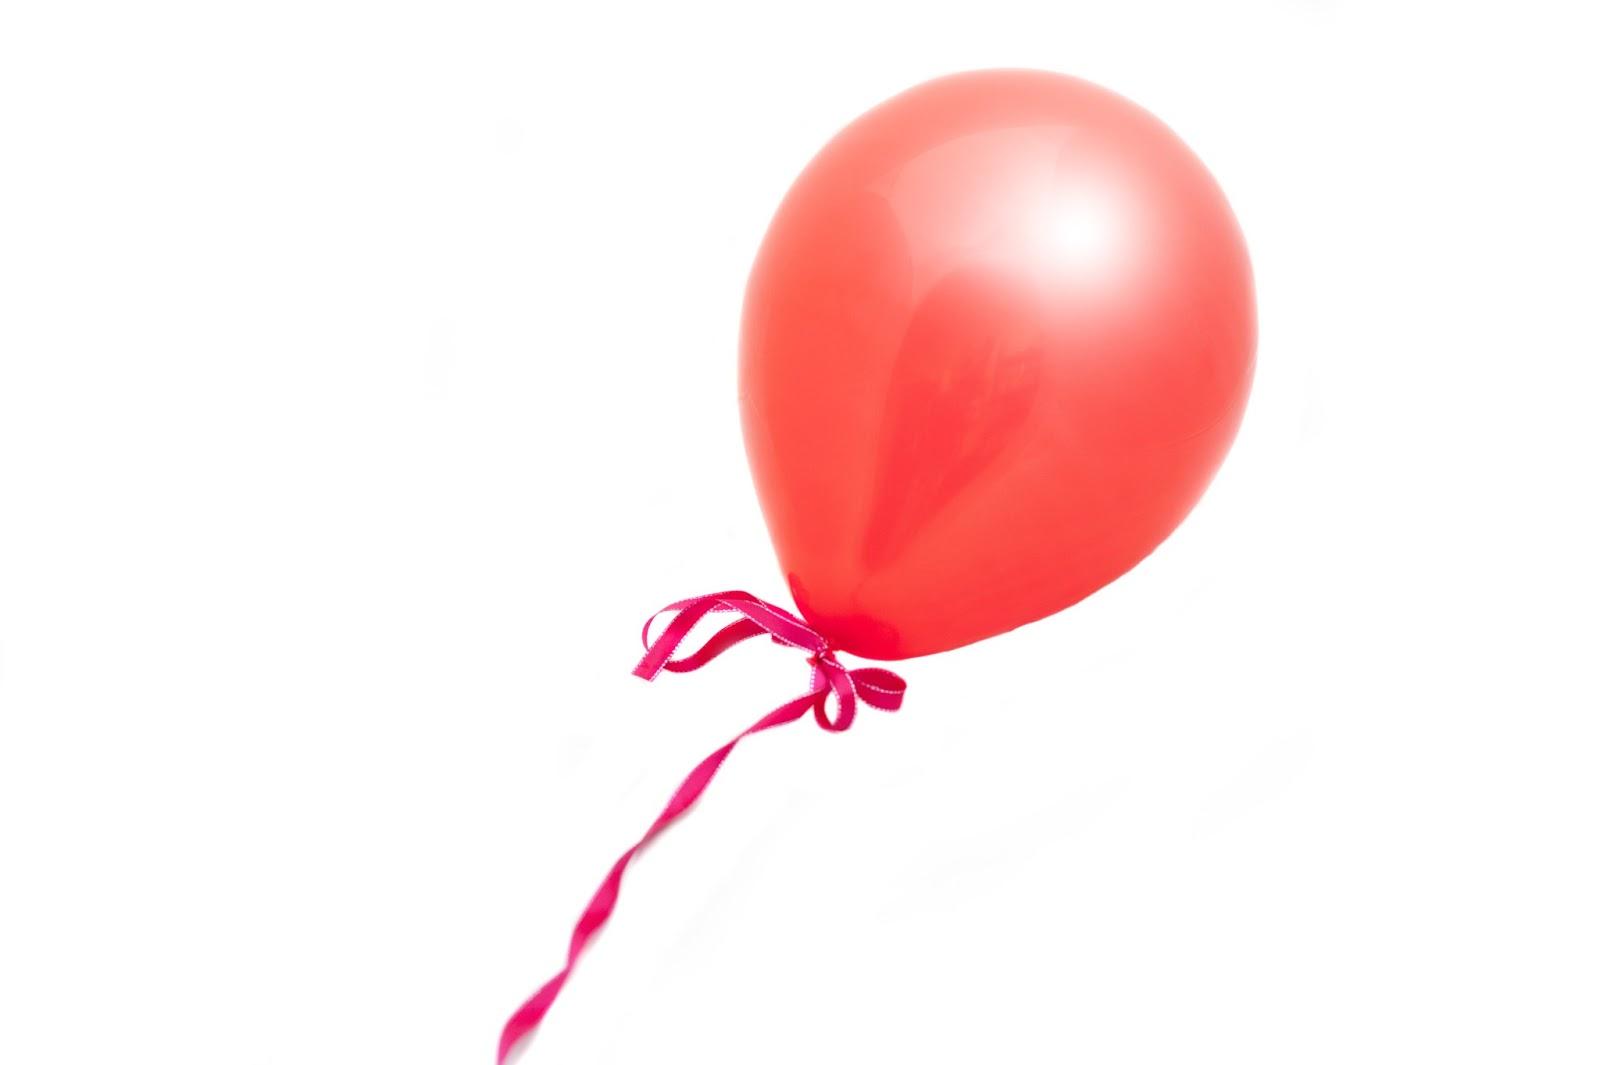 Картинки воздушных шаров для детей в детском саду